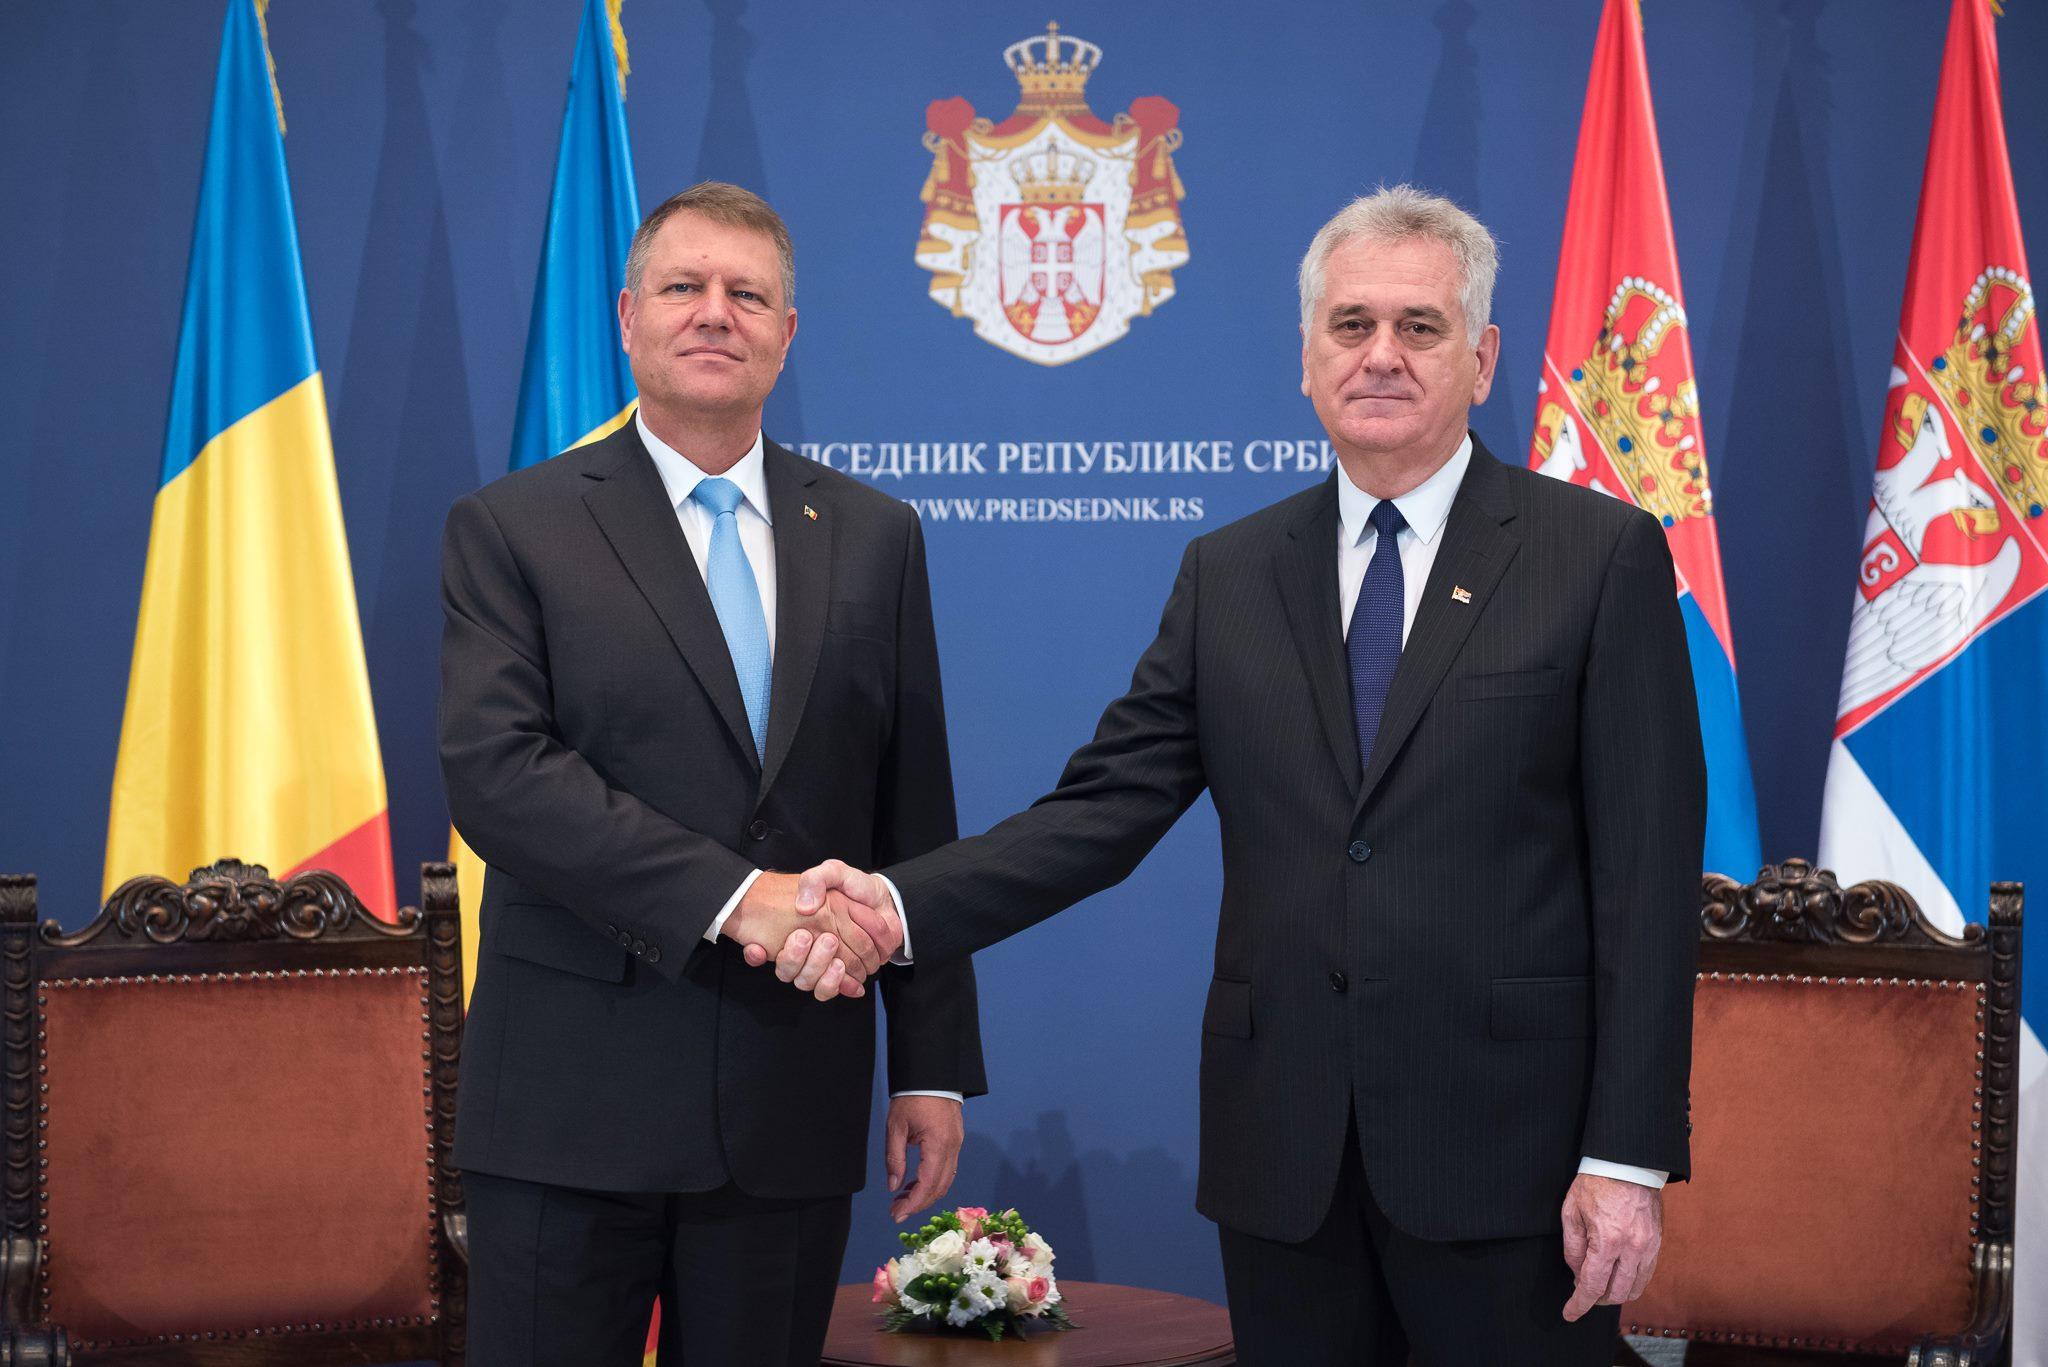 Klaus Iohannis s-a intalnit cu presedintele Serbiei. Care au fost punctele principale discutate cu omologul sau sarb